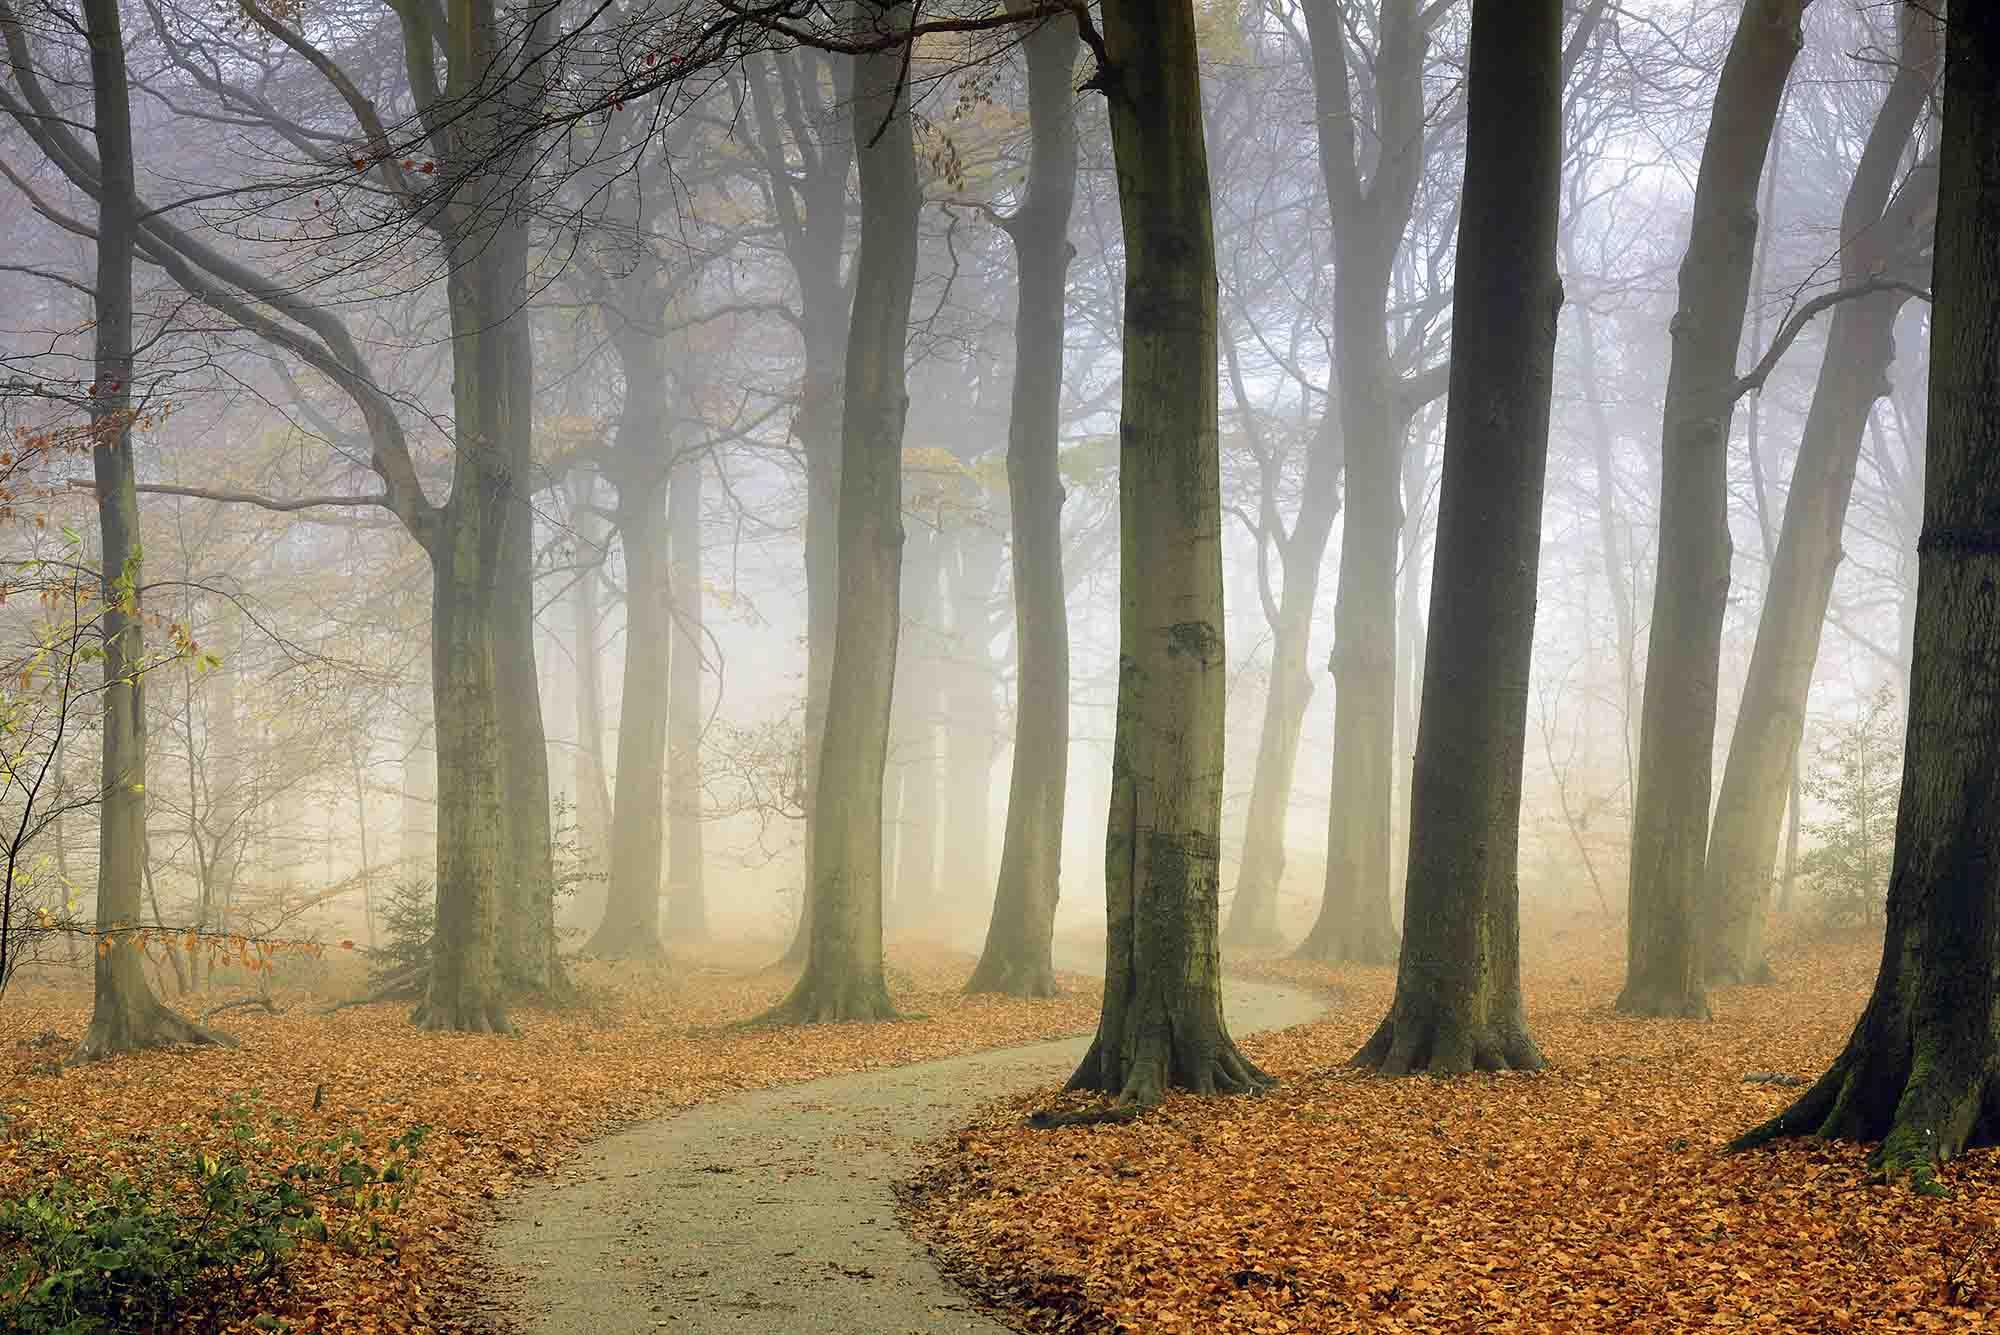 MU1443 - The Winding Path